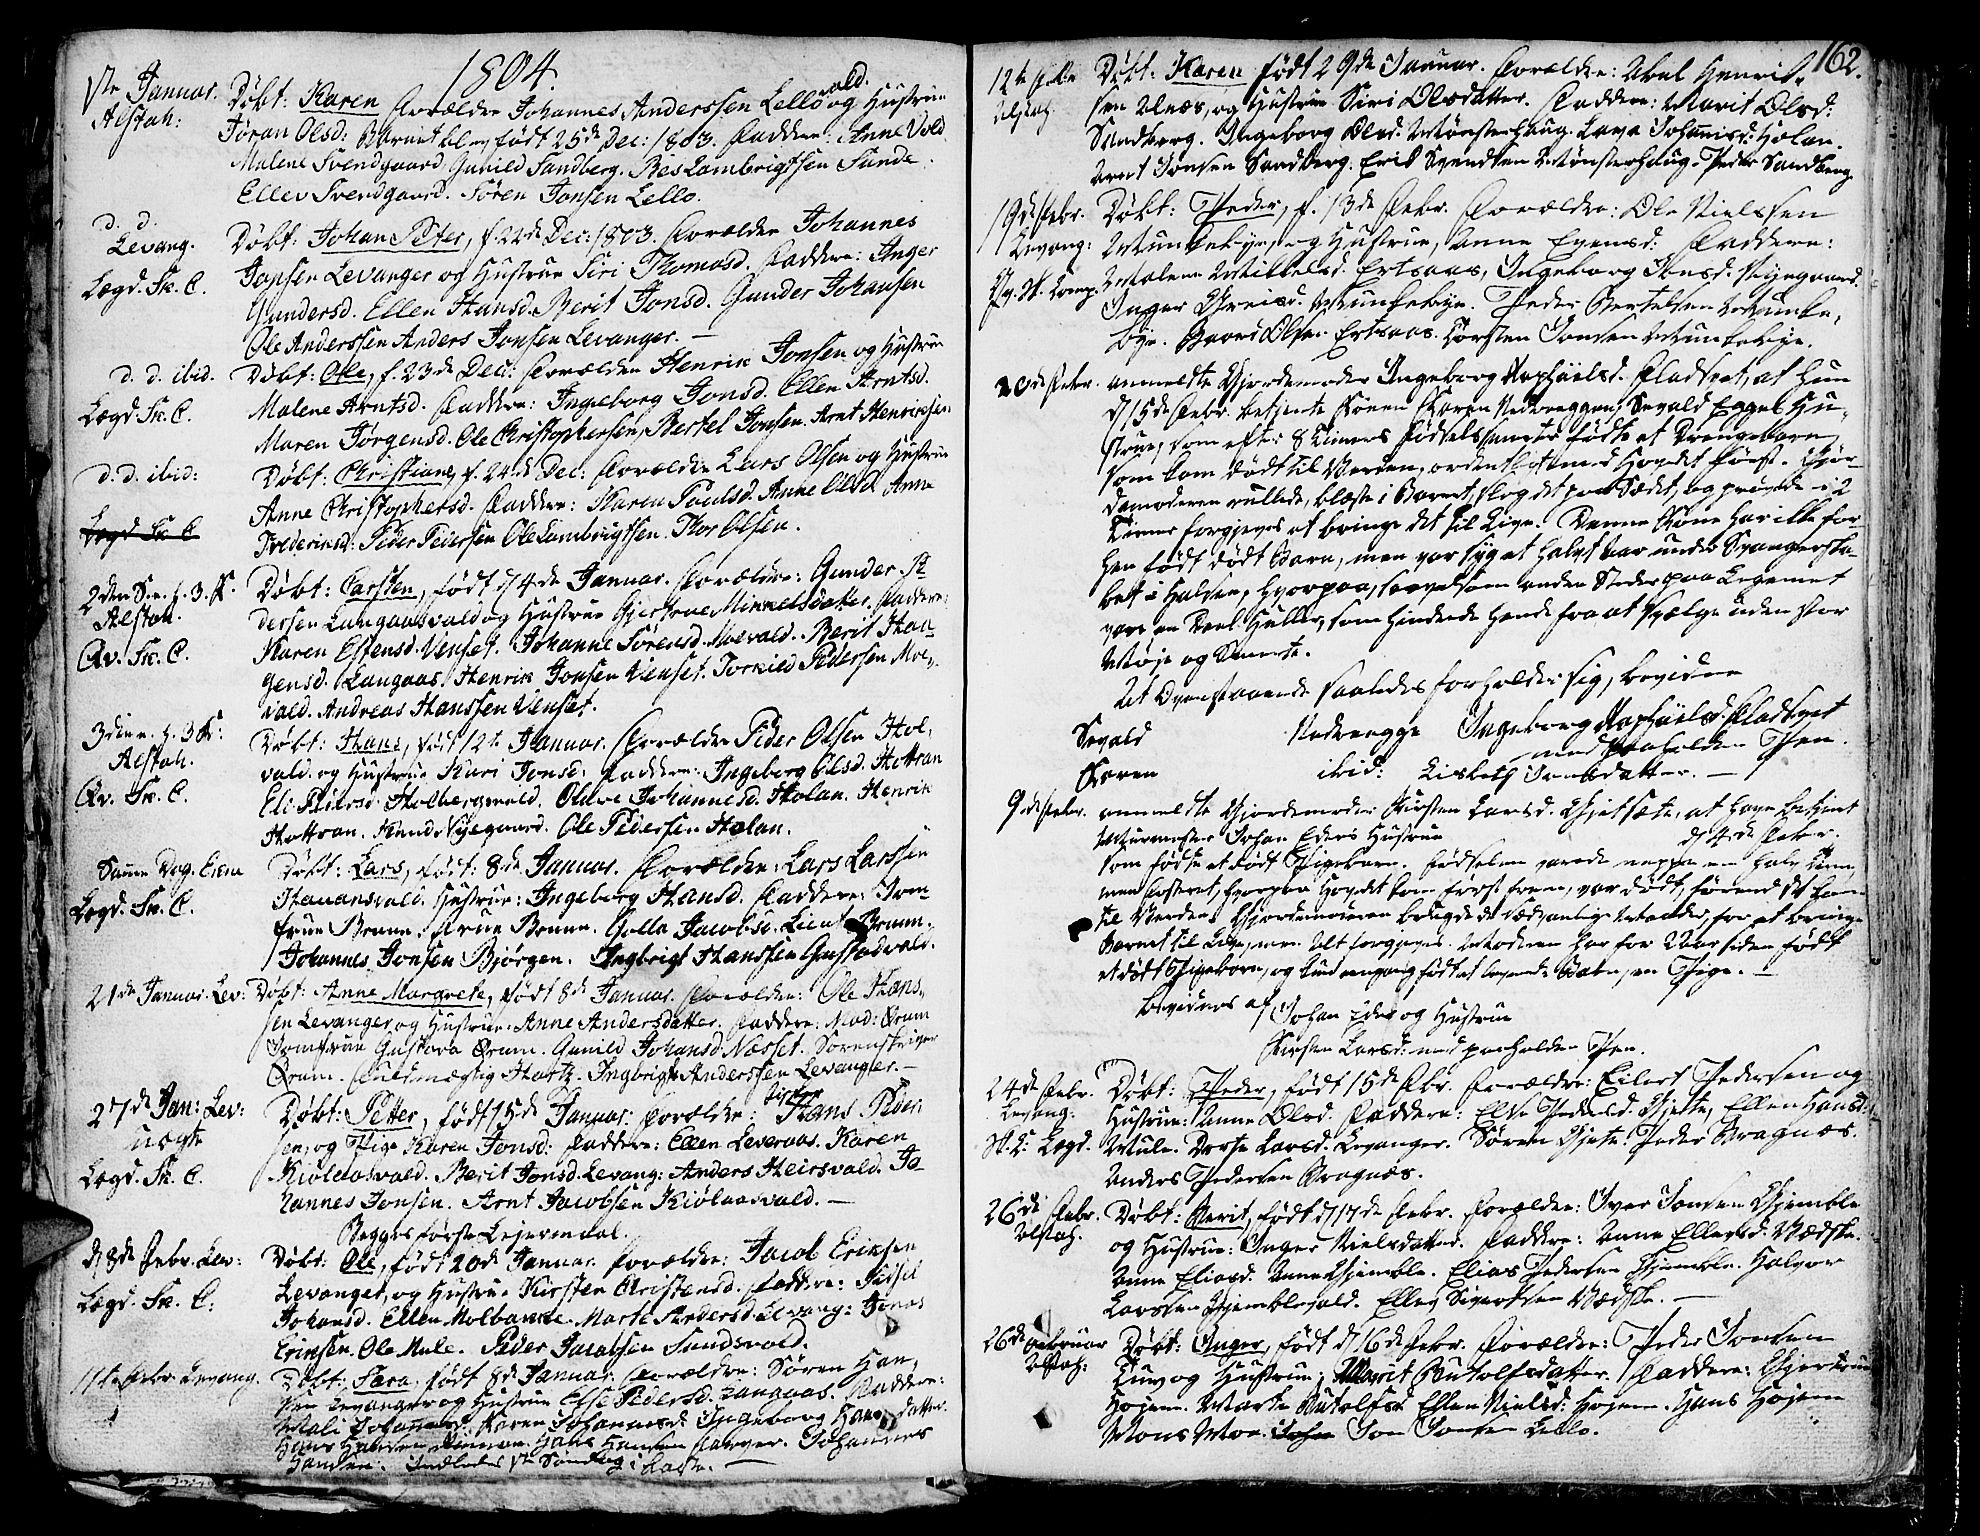 SAT, Ministerialprotokoller, klokkerbøker og fødselsregistre - Nord-Trøndelag, 717/L0142: Ministerialbok nr. 717A02 /1, 1783-1809, s. 162